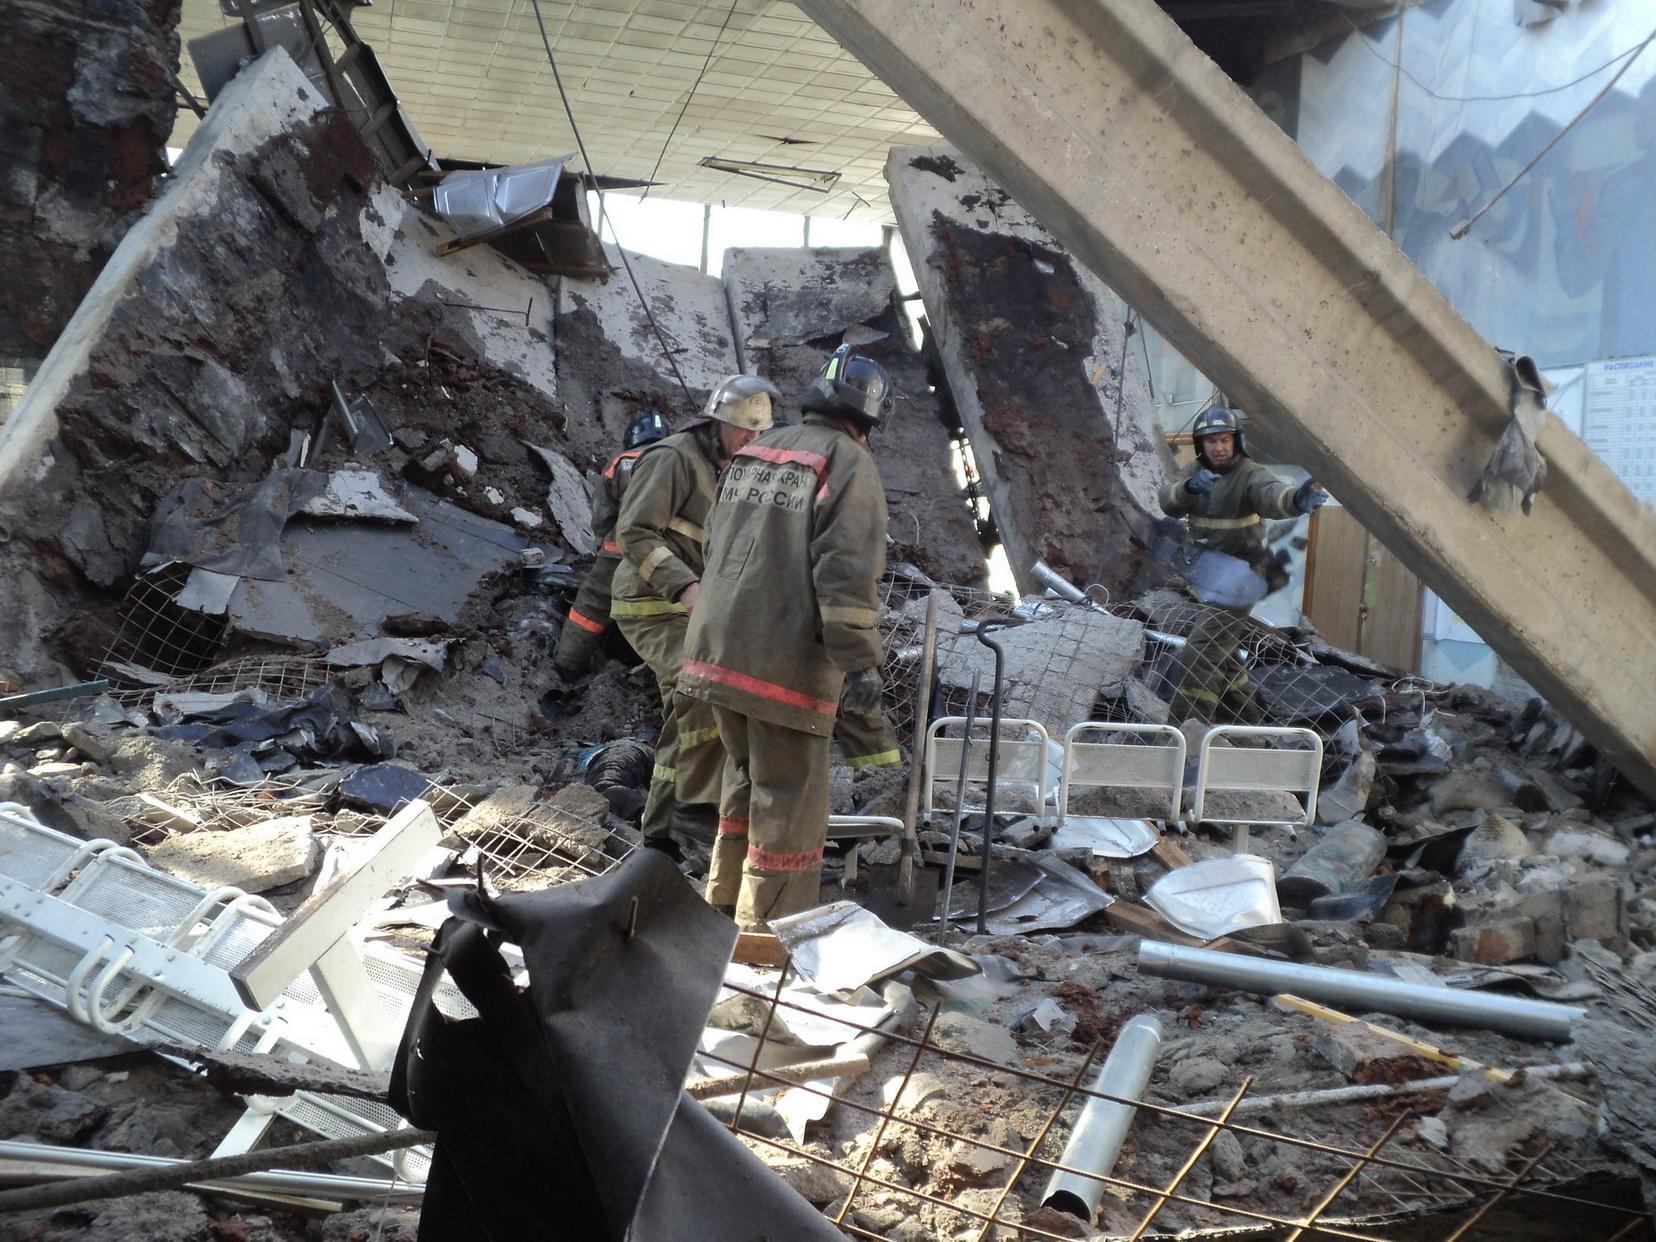 Фото с места работ по ликвидации обрушения перекрытия на автовокзале г. Белово.  2 сентября 2012 года